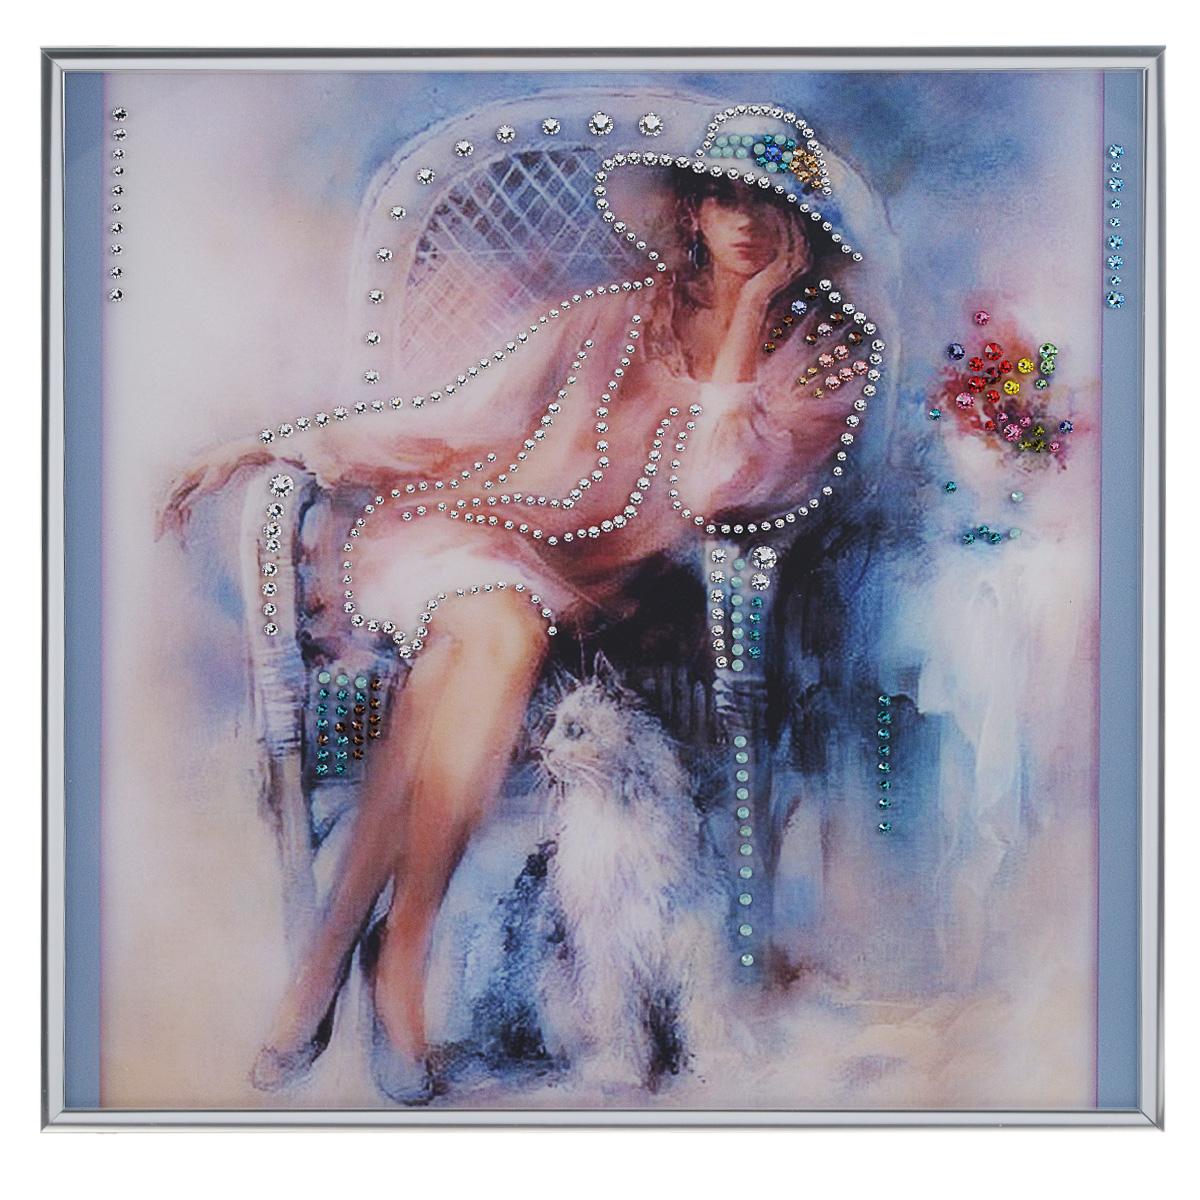 Картина с кристаллами Swarovski Незнакомка, 30 х 30 смPM-4002Изящная картина в металлической раме, инкрустирована кристаллами Swarovski, которые отличаются четкой и ровной огранкой, ярким блеском и чистотой цвета. Красочное изображение девушки, расположенное под стеклом, прекрасно дополняет блеск кристаллов. С обратной стороны имеется металлическая петелька для размещения картины на стене.Картина с кристаллами Swarovski Незнакомка элегантно украсит интерьер дома или офиса, а также станет прекрасным подарком, который обязательно понравится получателю. Блеск кристаллов в интерьере, что может быть сказочнее и удивительнее. Картина упакована в подарочную картонную коробку синего цвета и комплектуется сертификатом соответствия Swarovski.